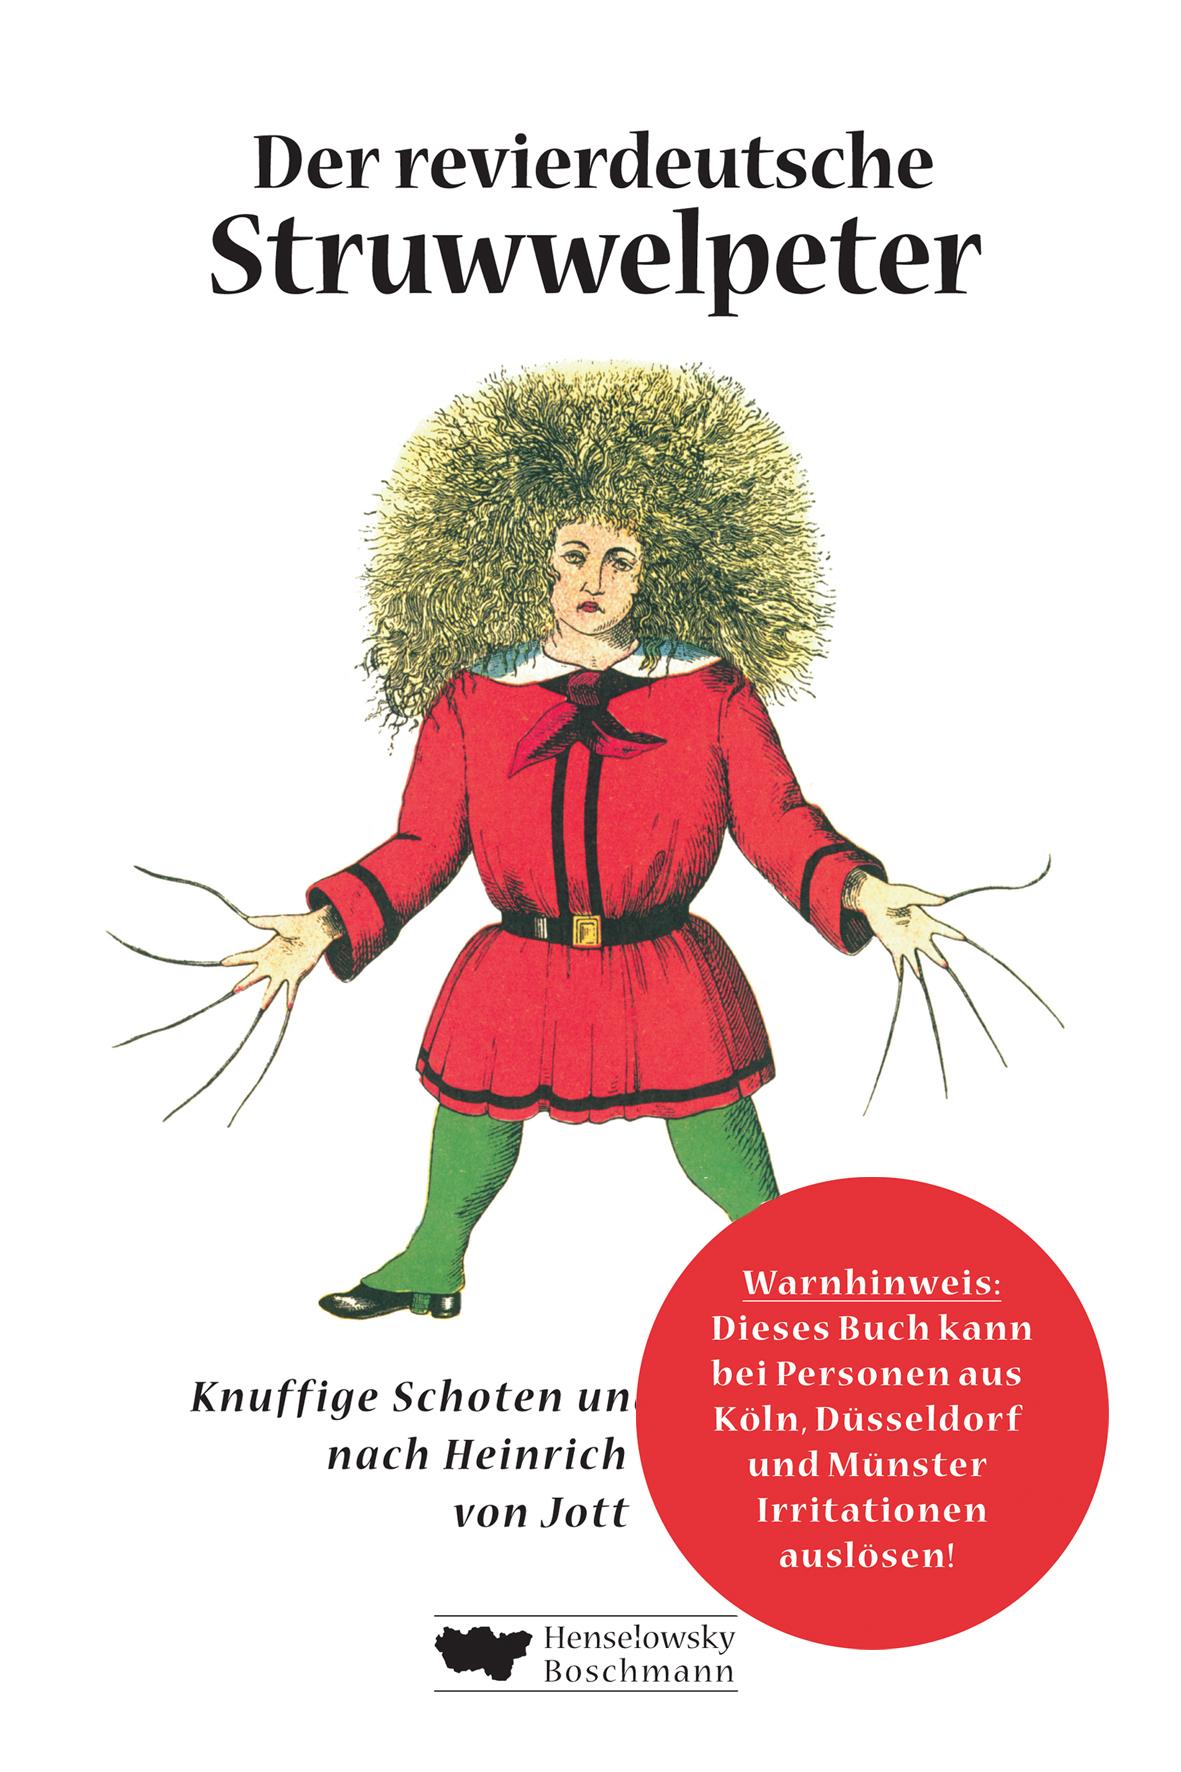 Jürgen von Manger - Adolf Tegtmeier - WITHOF - Bausteine der Automation